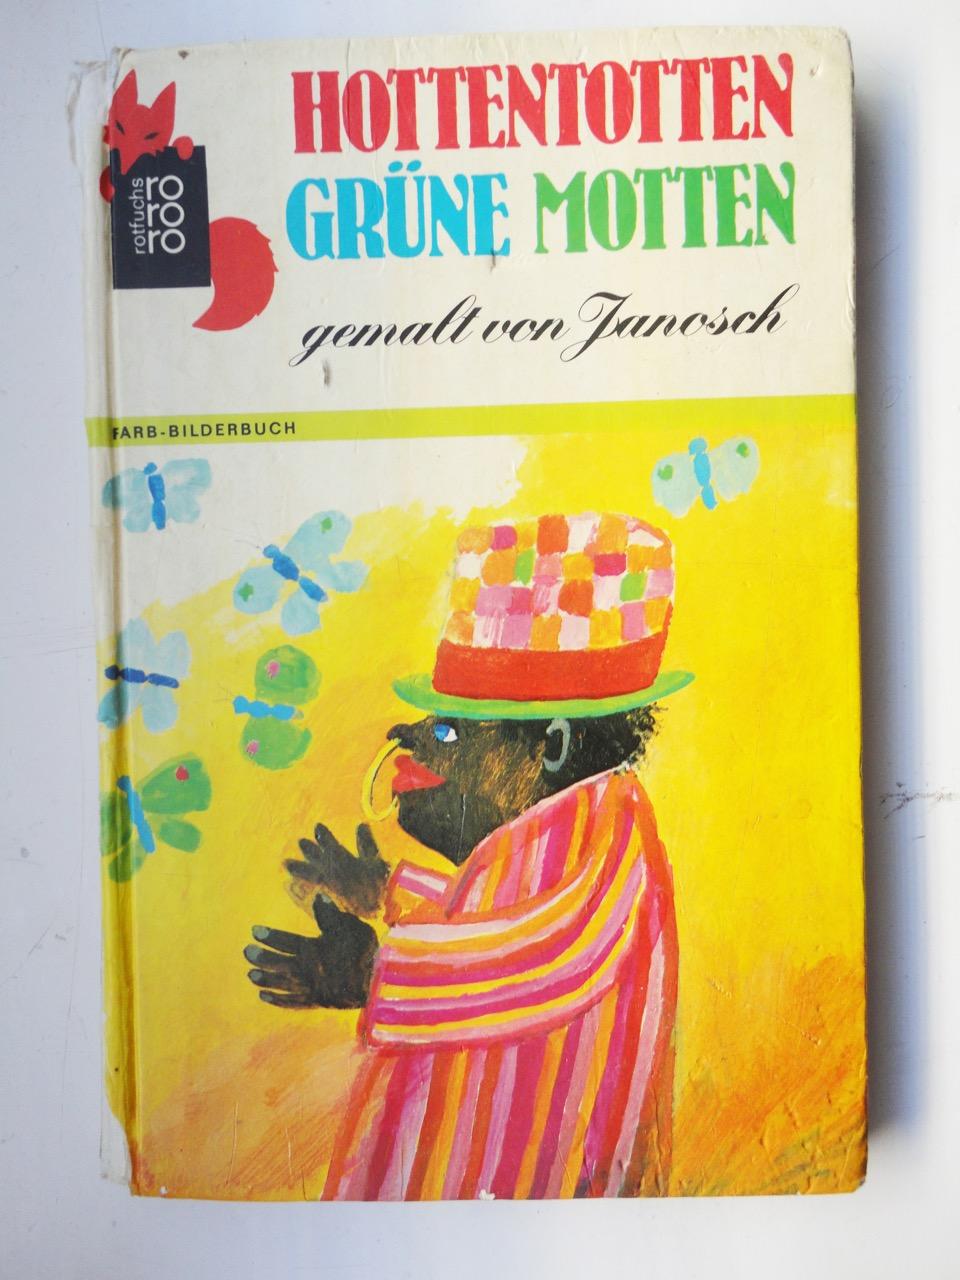 Hottentotten Grüne Motten. Alte und neue Kinderreime Book Cover